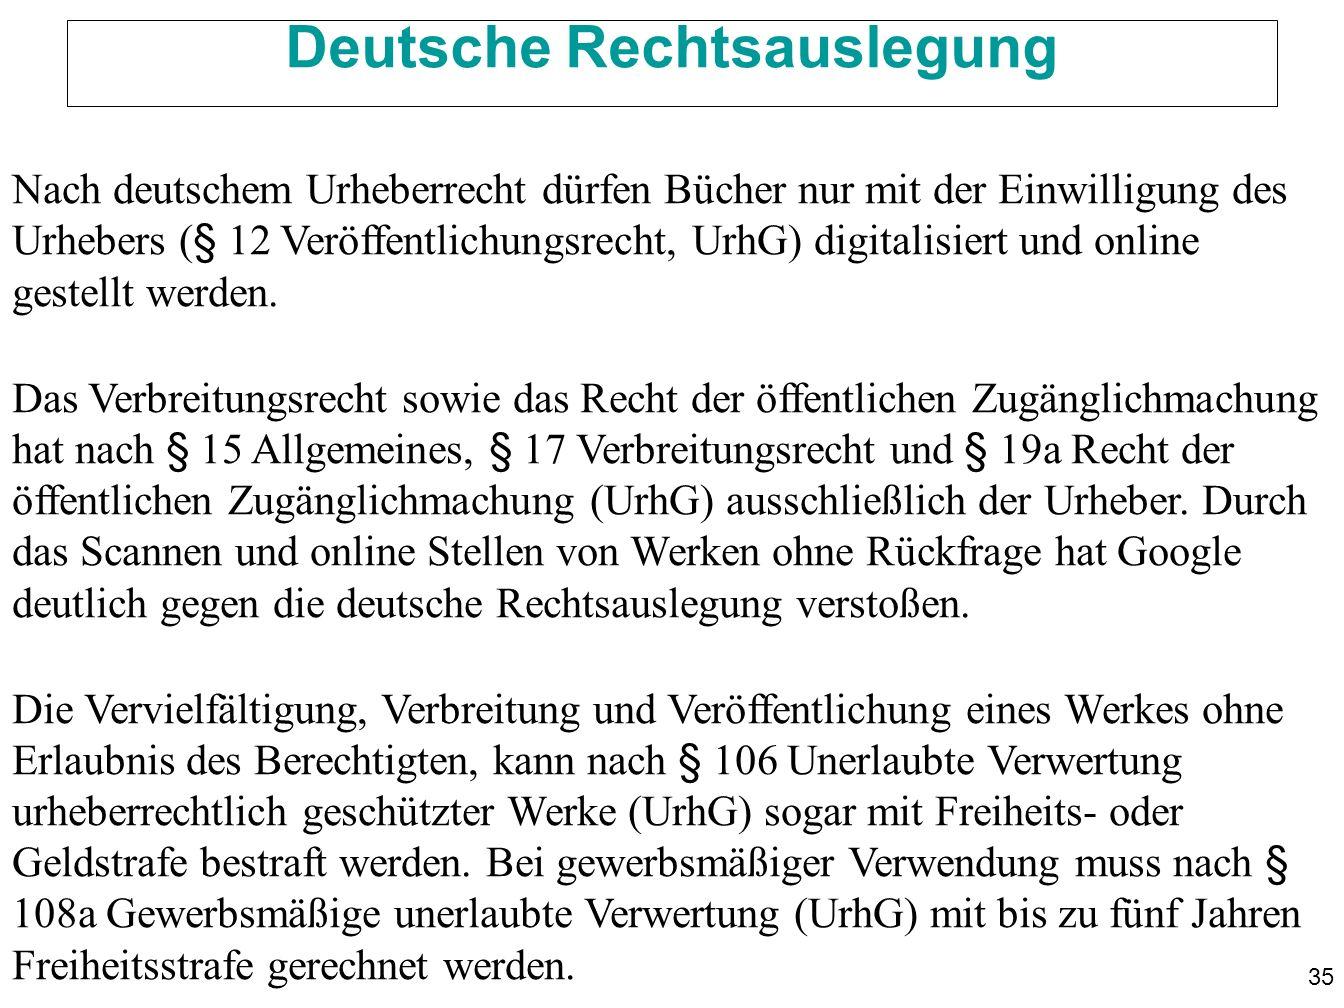 35 Deutsche Rechtsauslegung Nach deutschem Urheberrecht dürfen Bücher nur mit der Einwilligung des Urhebers (§ 12 Veröffentlichungsrecht, UrhG) digitalisiert und online gestellt werden.